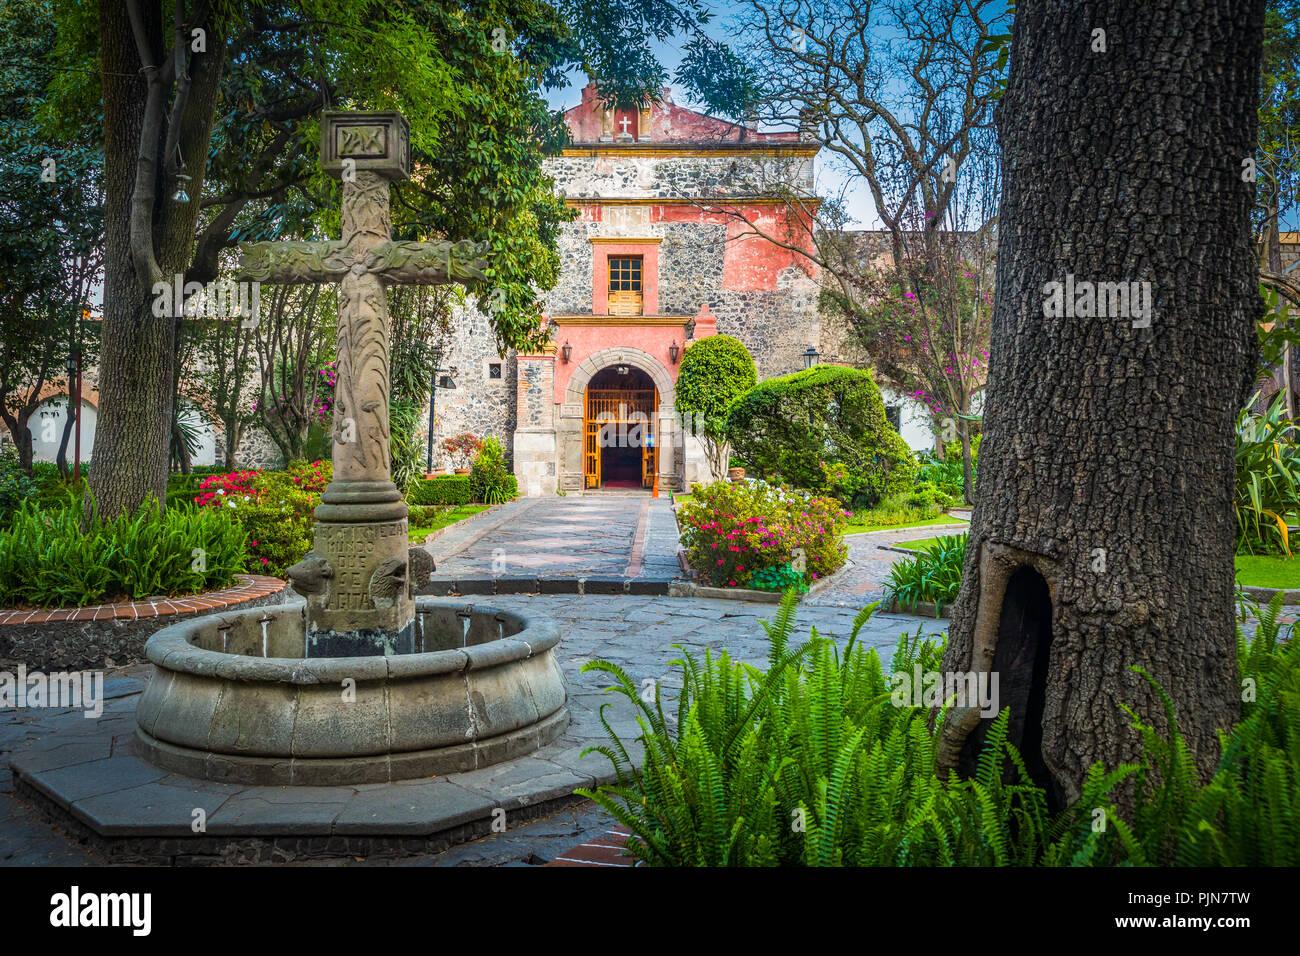 Parroquia San Jacinto im San Angel Nachbarschaft von Mexiko Stadt. San Angel ist eine Colonia oder in der Nachbarschaft von Mexiko Stadt. Stockbild